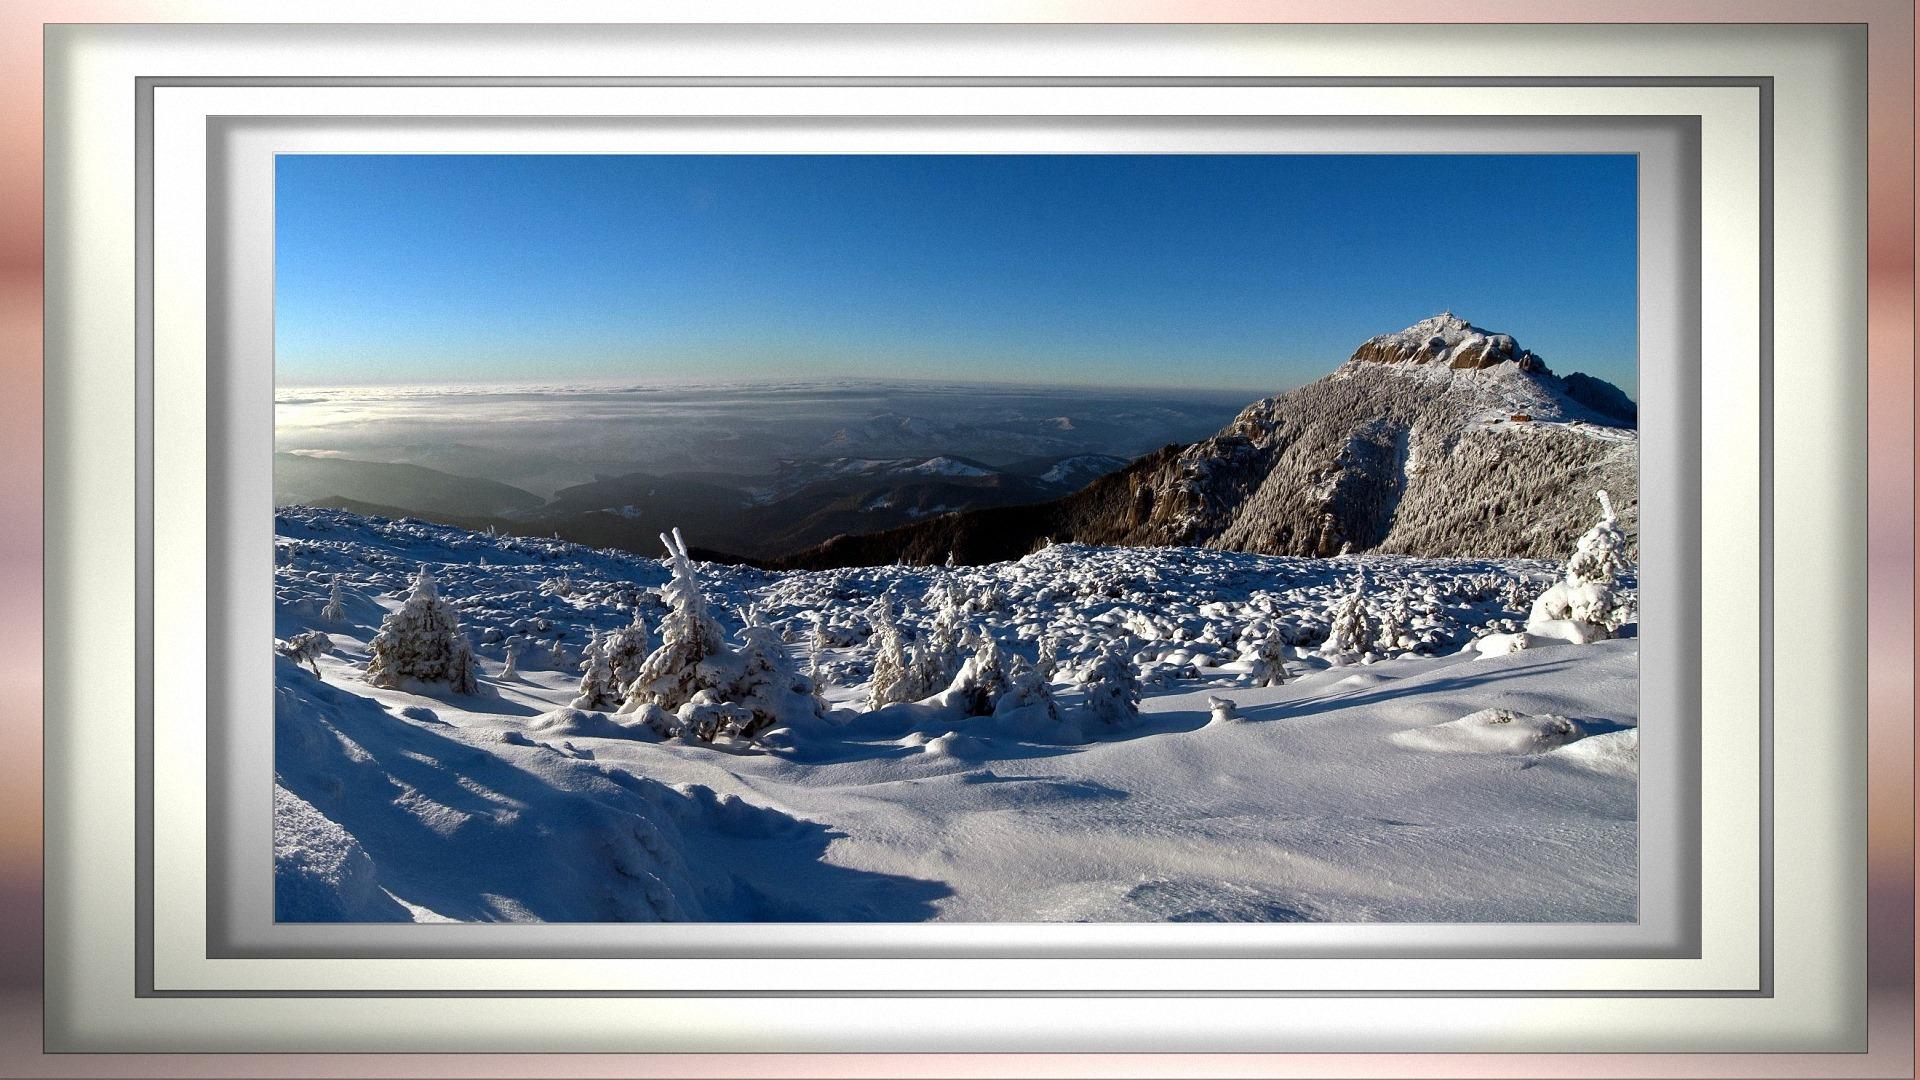 Winterlandschaften Bilder Zum Ausdrucken Kostenlos verwandt mit Winterbilder Zum Ausdrucken